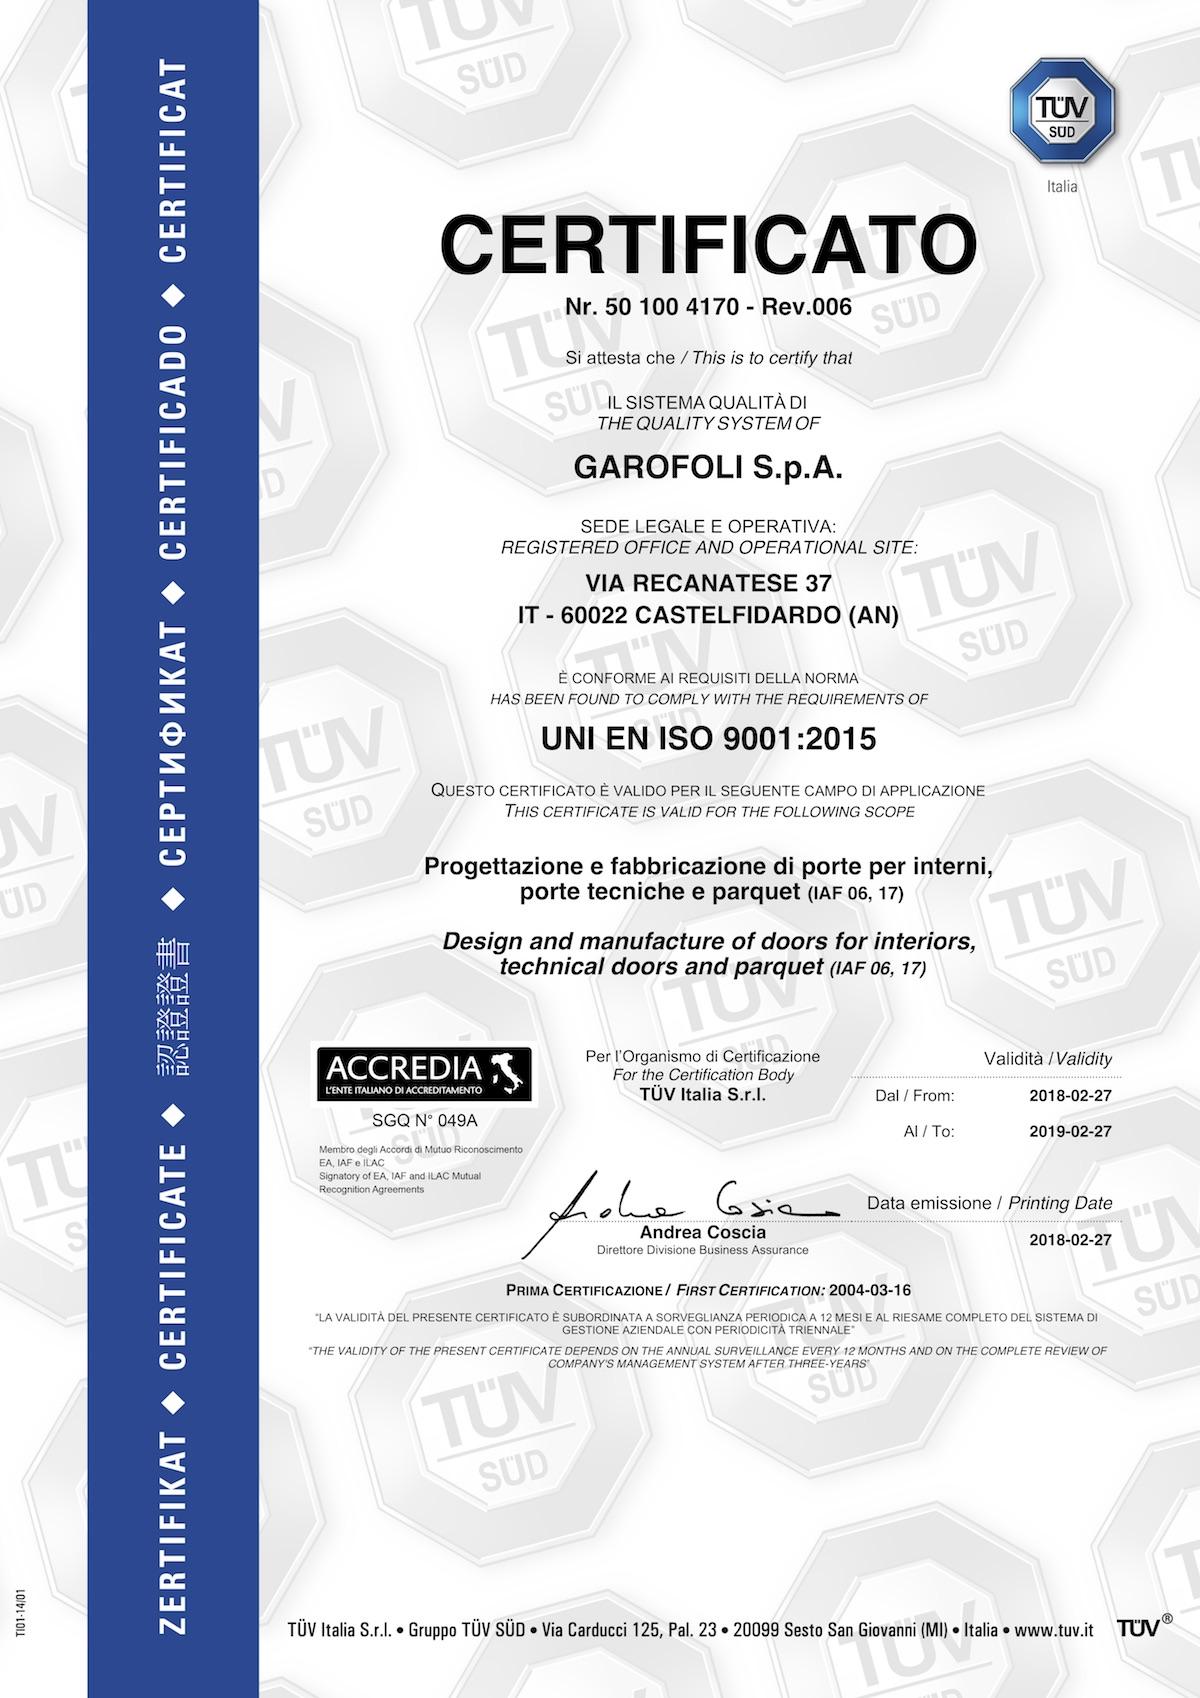 Garofoli Uni Iso 9001 - Garofoli